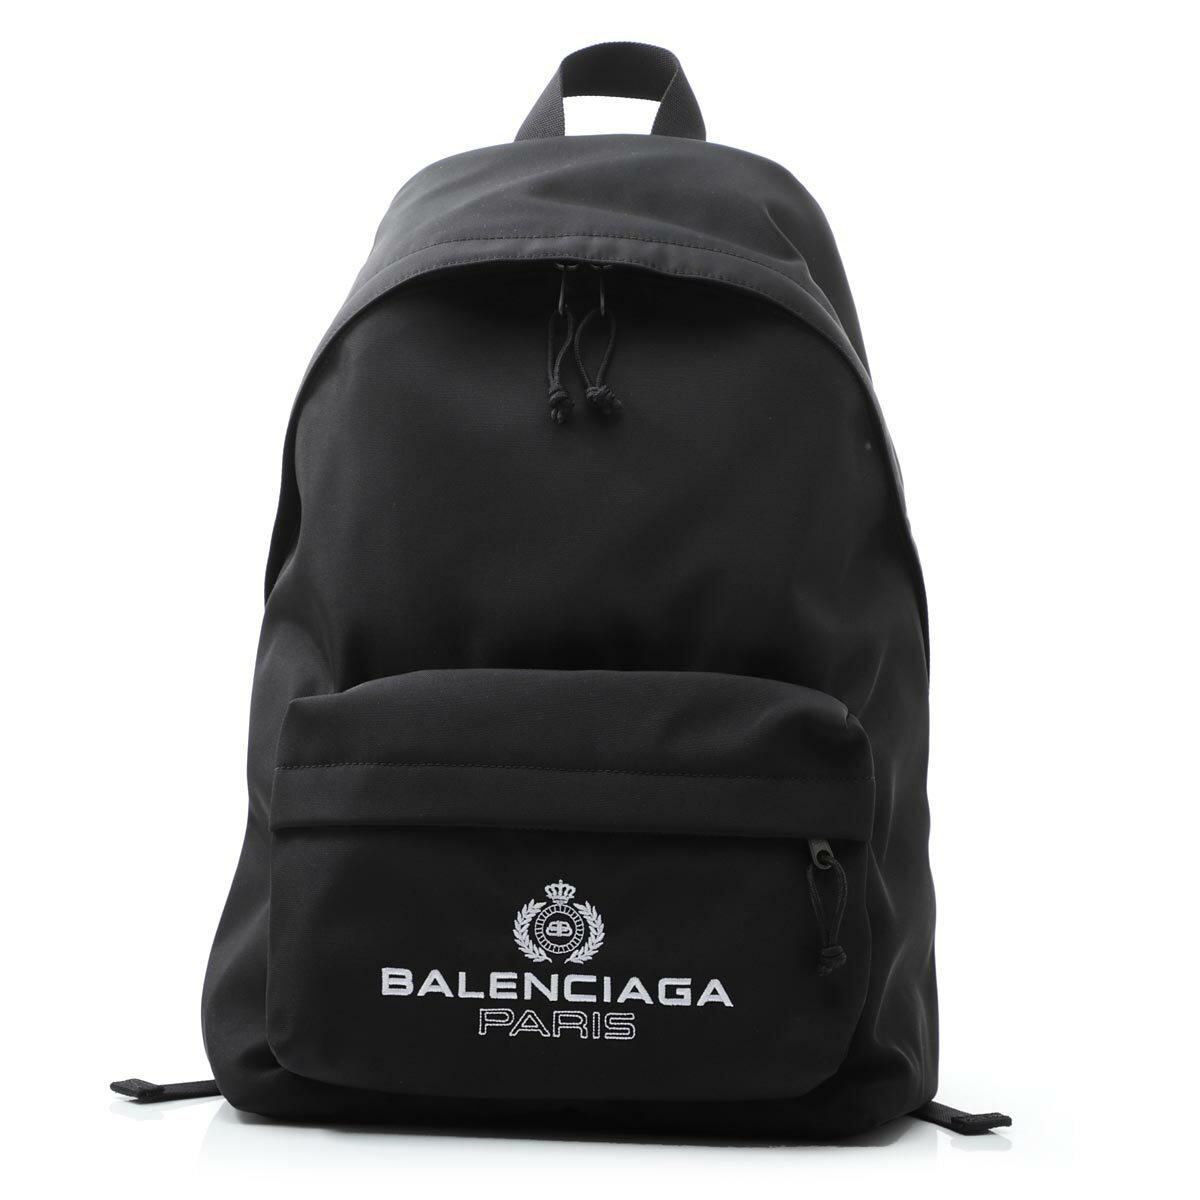 メンズバッグ, バックパック・リュック  BALENCIAGA 503221 9wb65 1000 EXPLORER